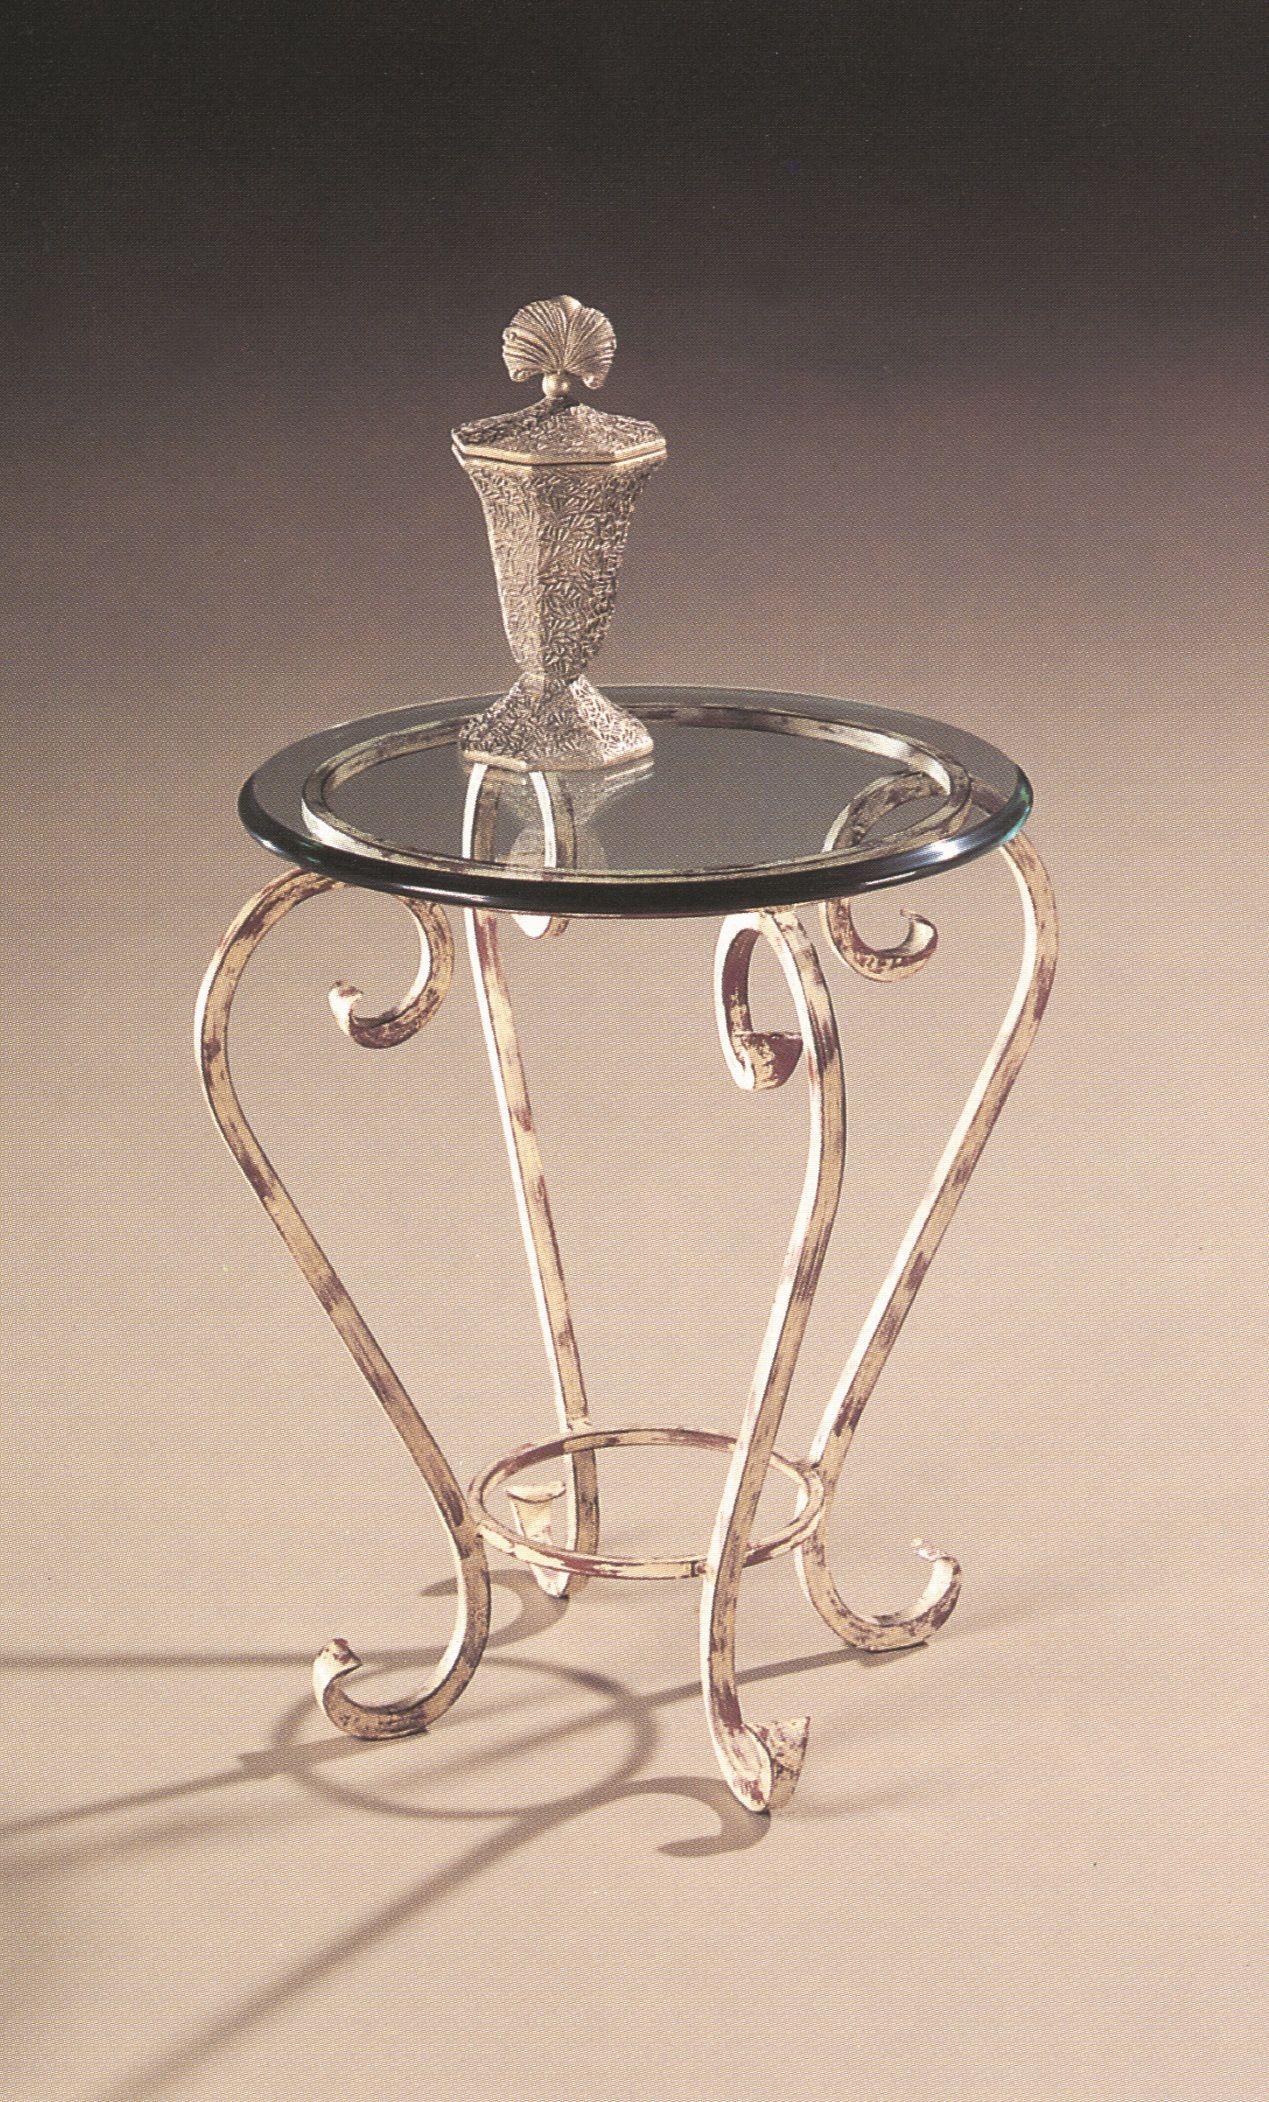 Patas de hierro para mesa fabulous patas metlicas de la - Mesa de hierro ...